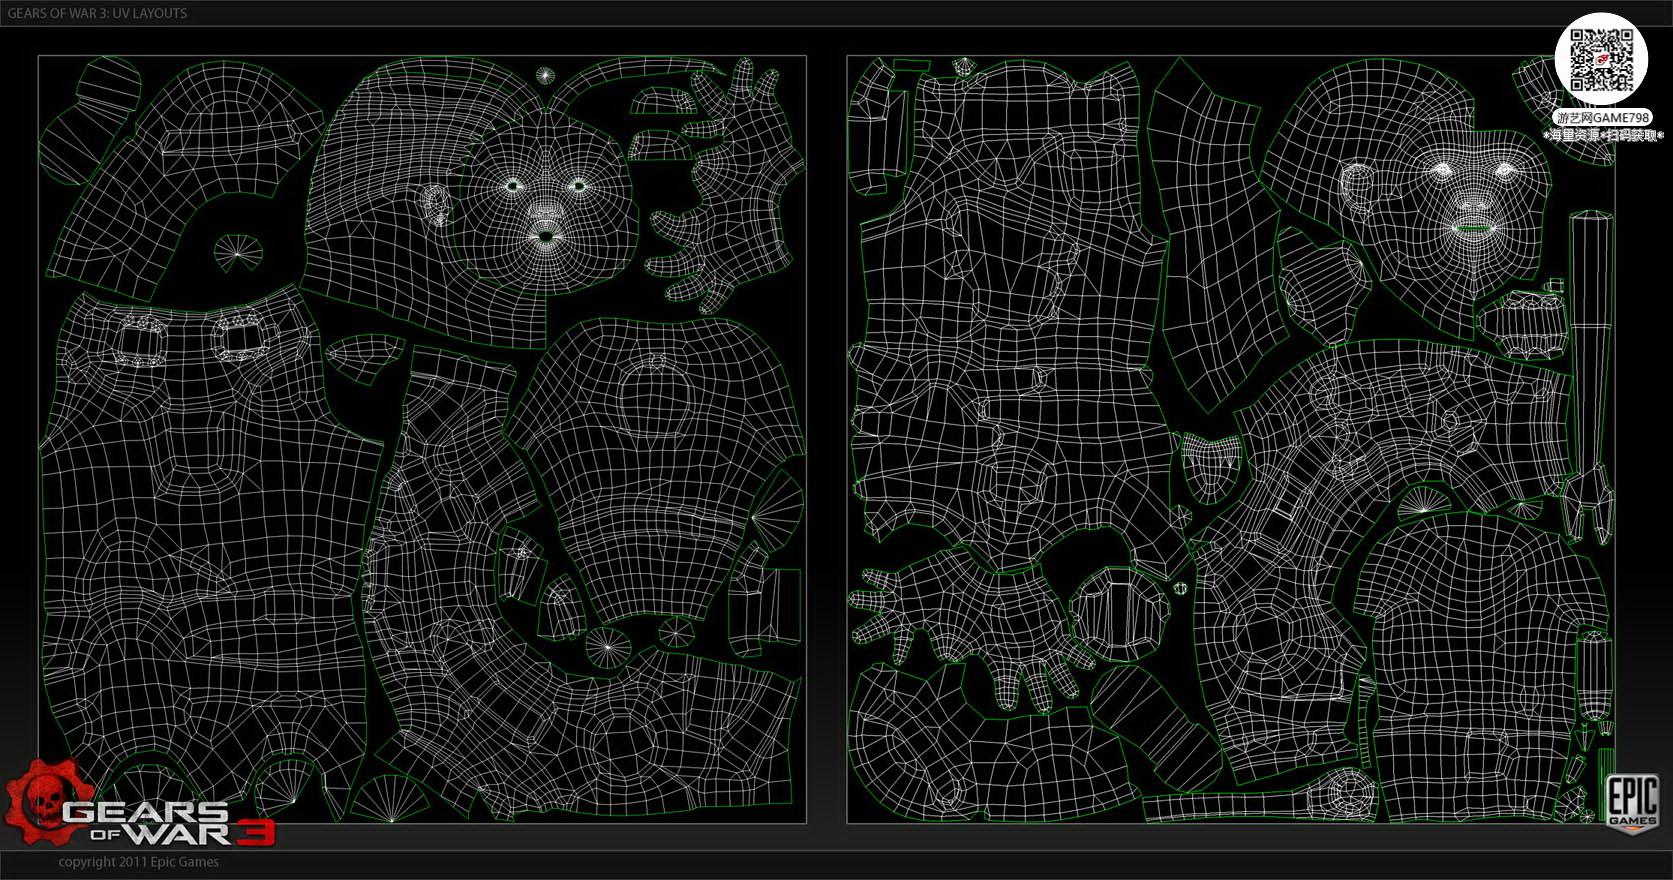 073_关注-游艺网GAME798海量资源下载【战争机器3|3D角色】经典角色设定.jpg